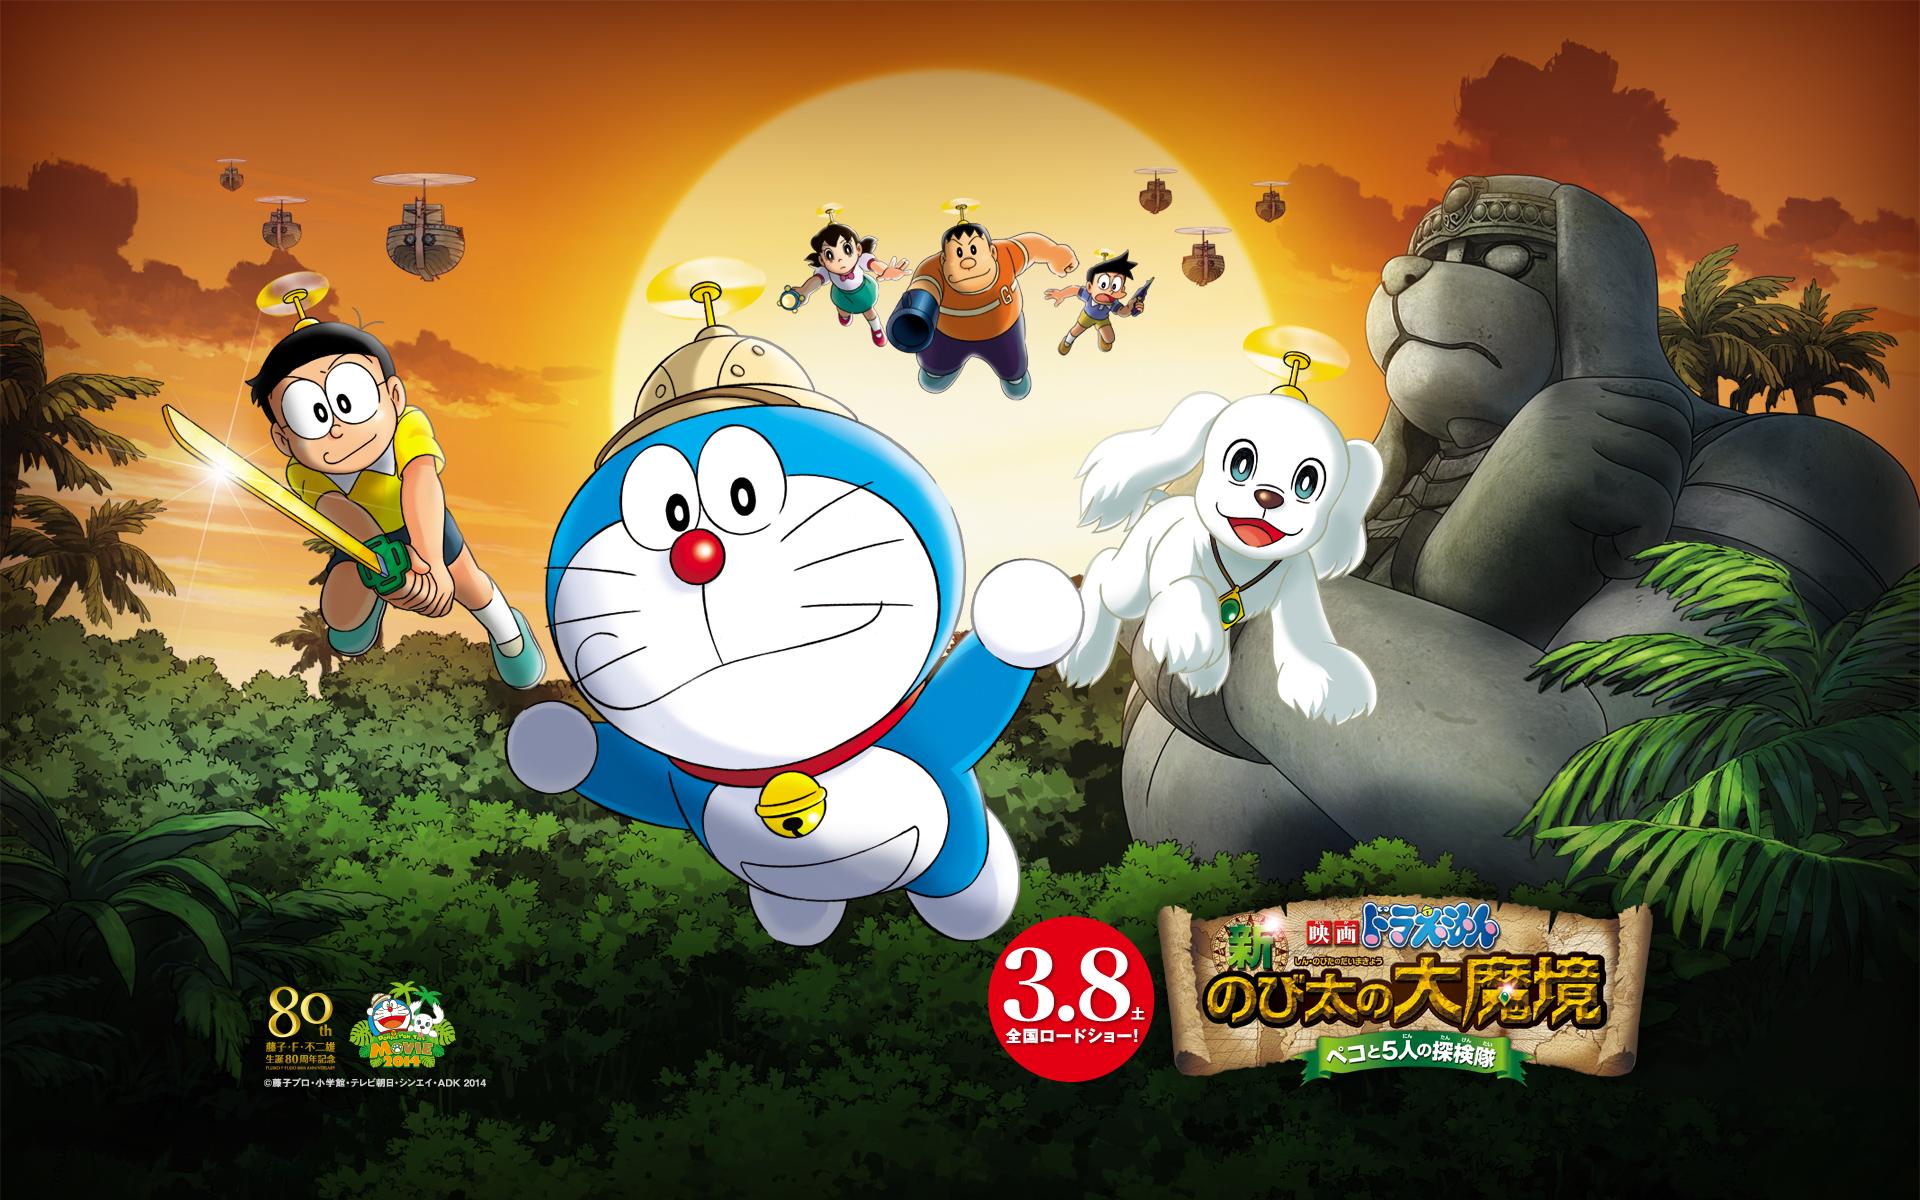 Eiga Doraemon: Shin Nobita no Daimakyou - Peko to 5-nin no Tankentai